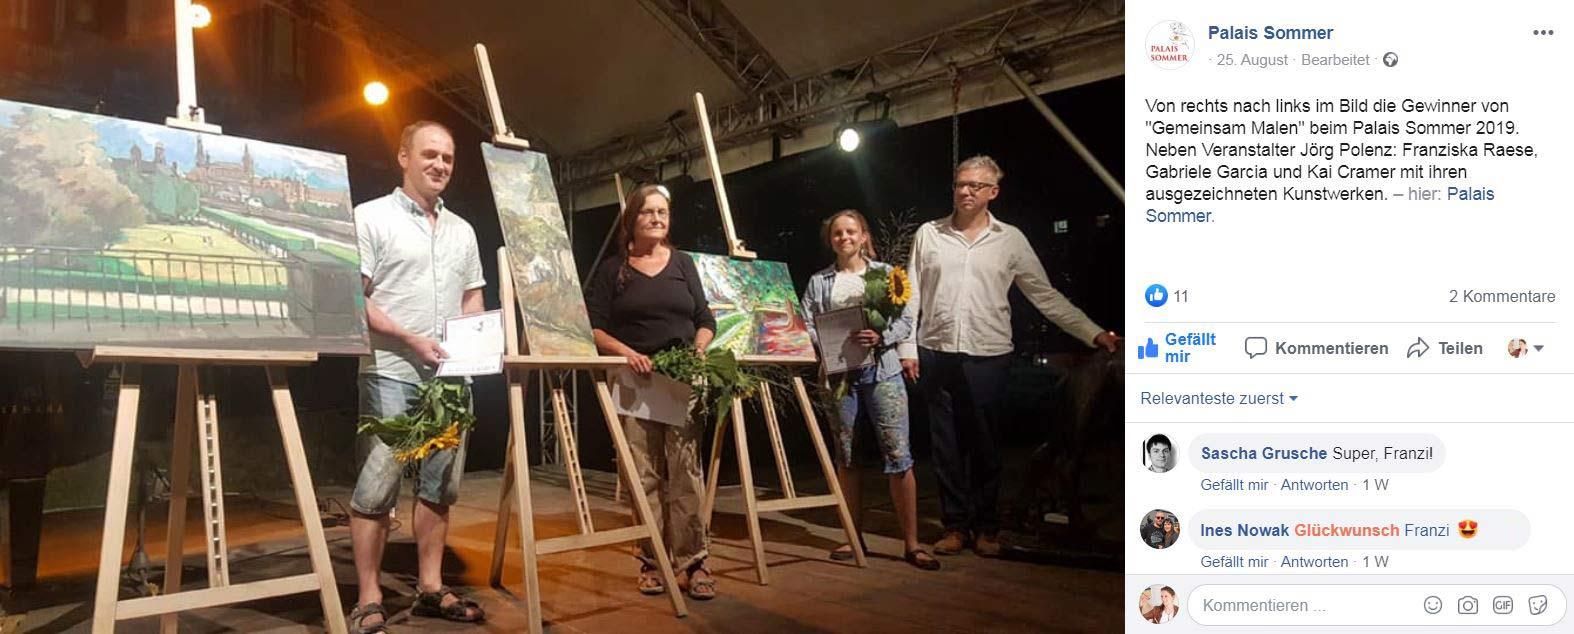 Canaletto Preis - Gemeinsam Malen - Preisverleihung